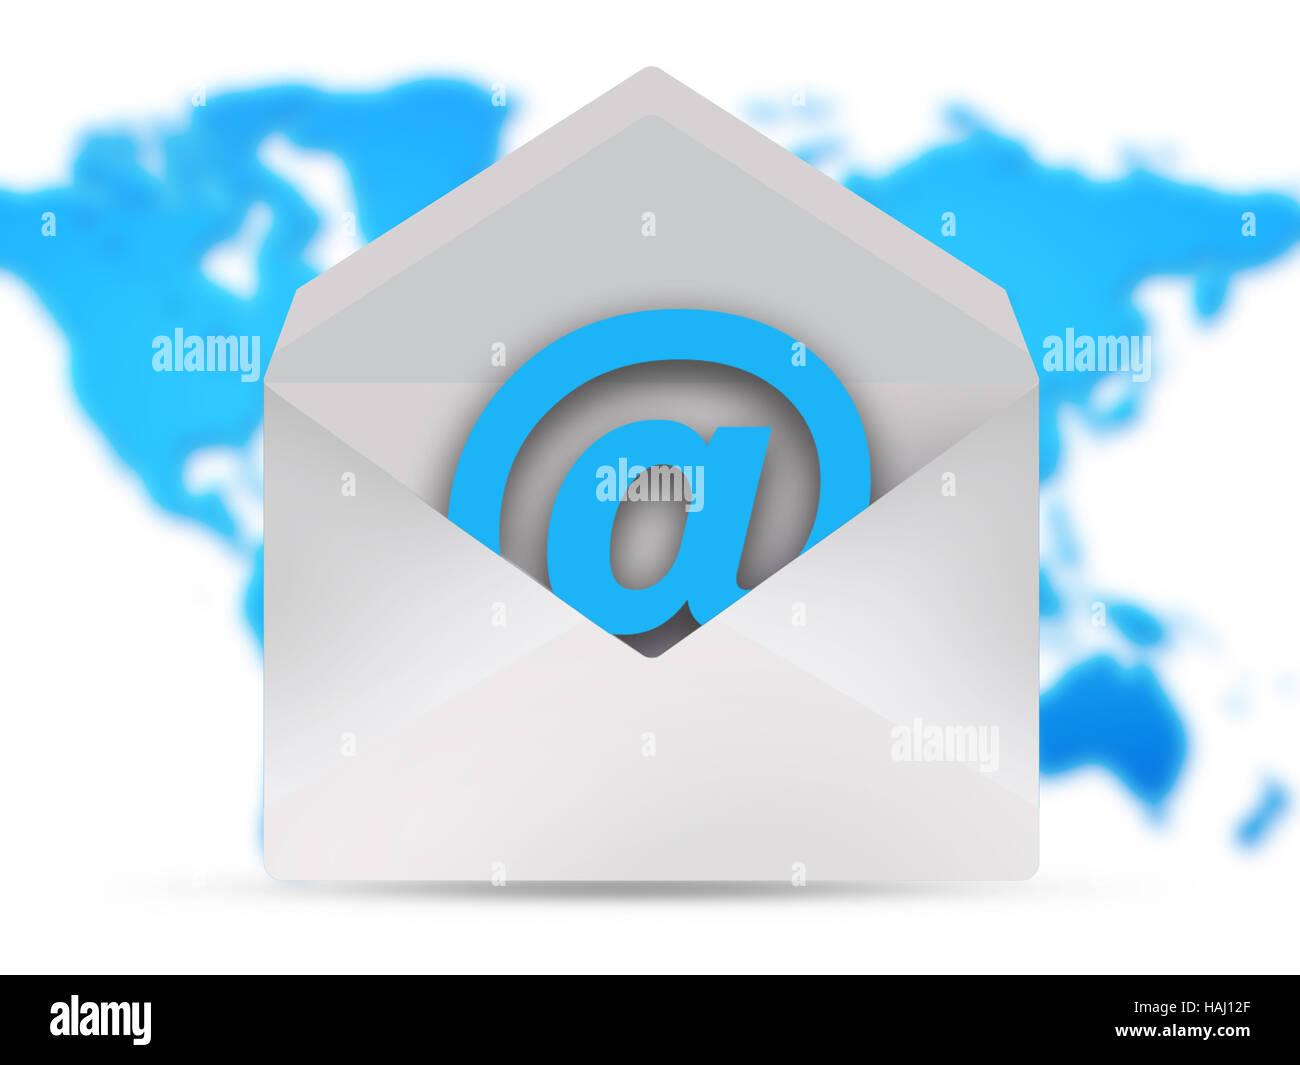 Icona posta elettronica sulla mappa del mondo Immagini Stock